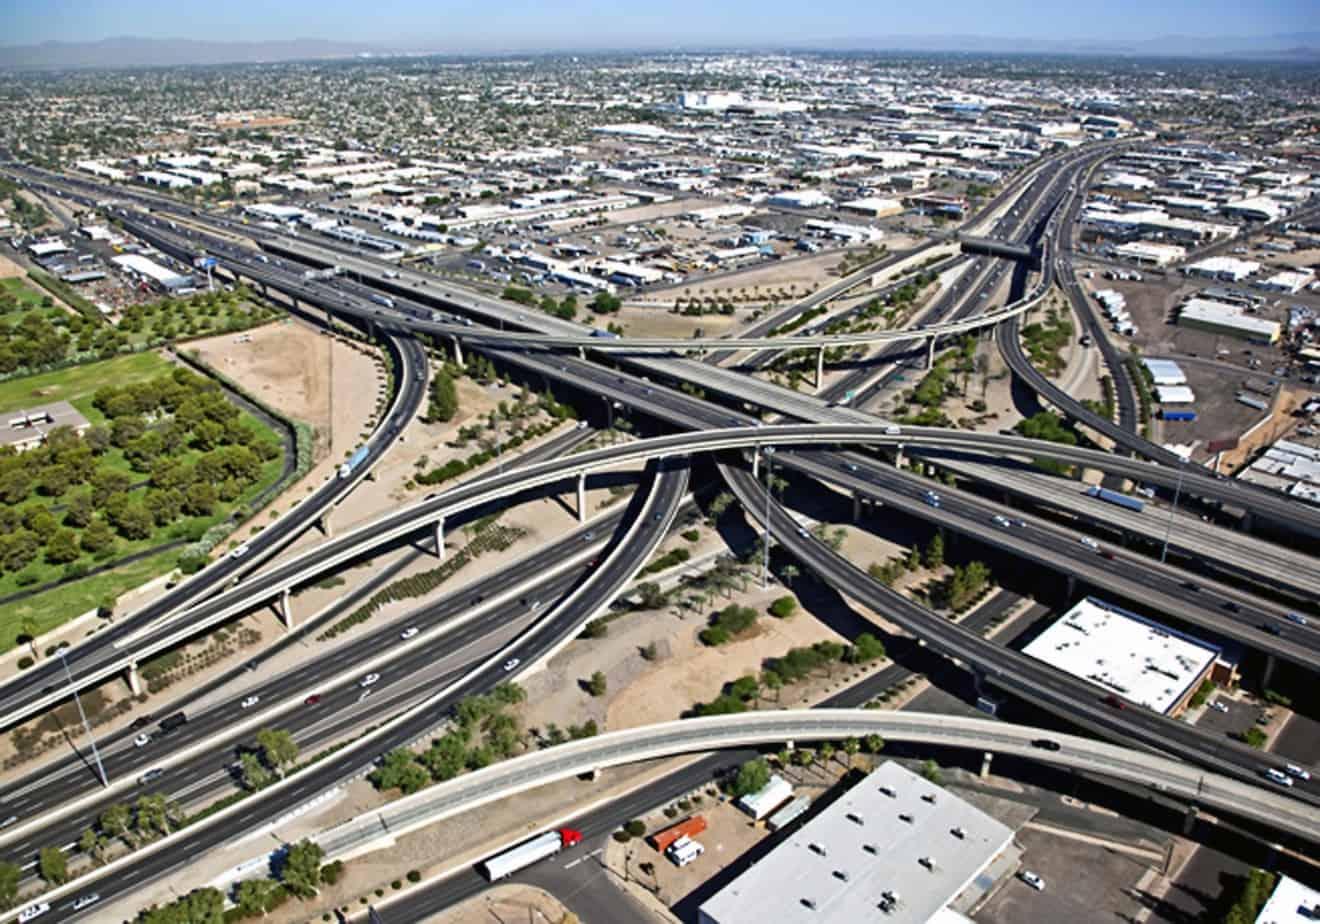 I lavori di ampliamento delle infrastrutture di trasporto, energetiche e di TLC avranno a disposizione circa 29,3 miliardi per il periodo 2014-2020